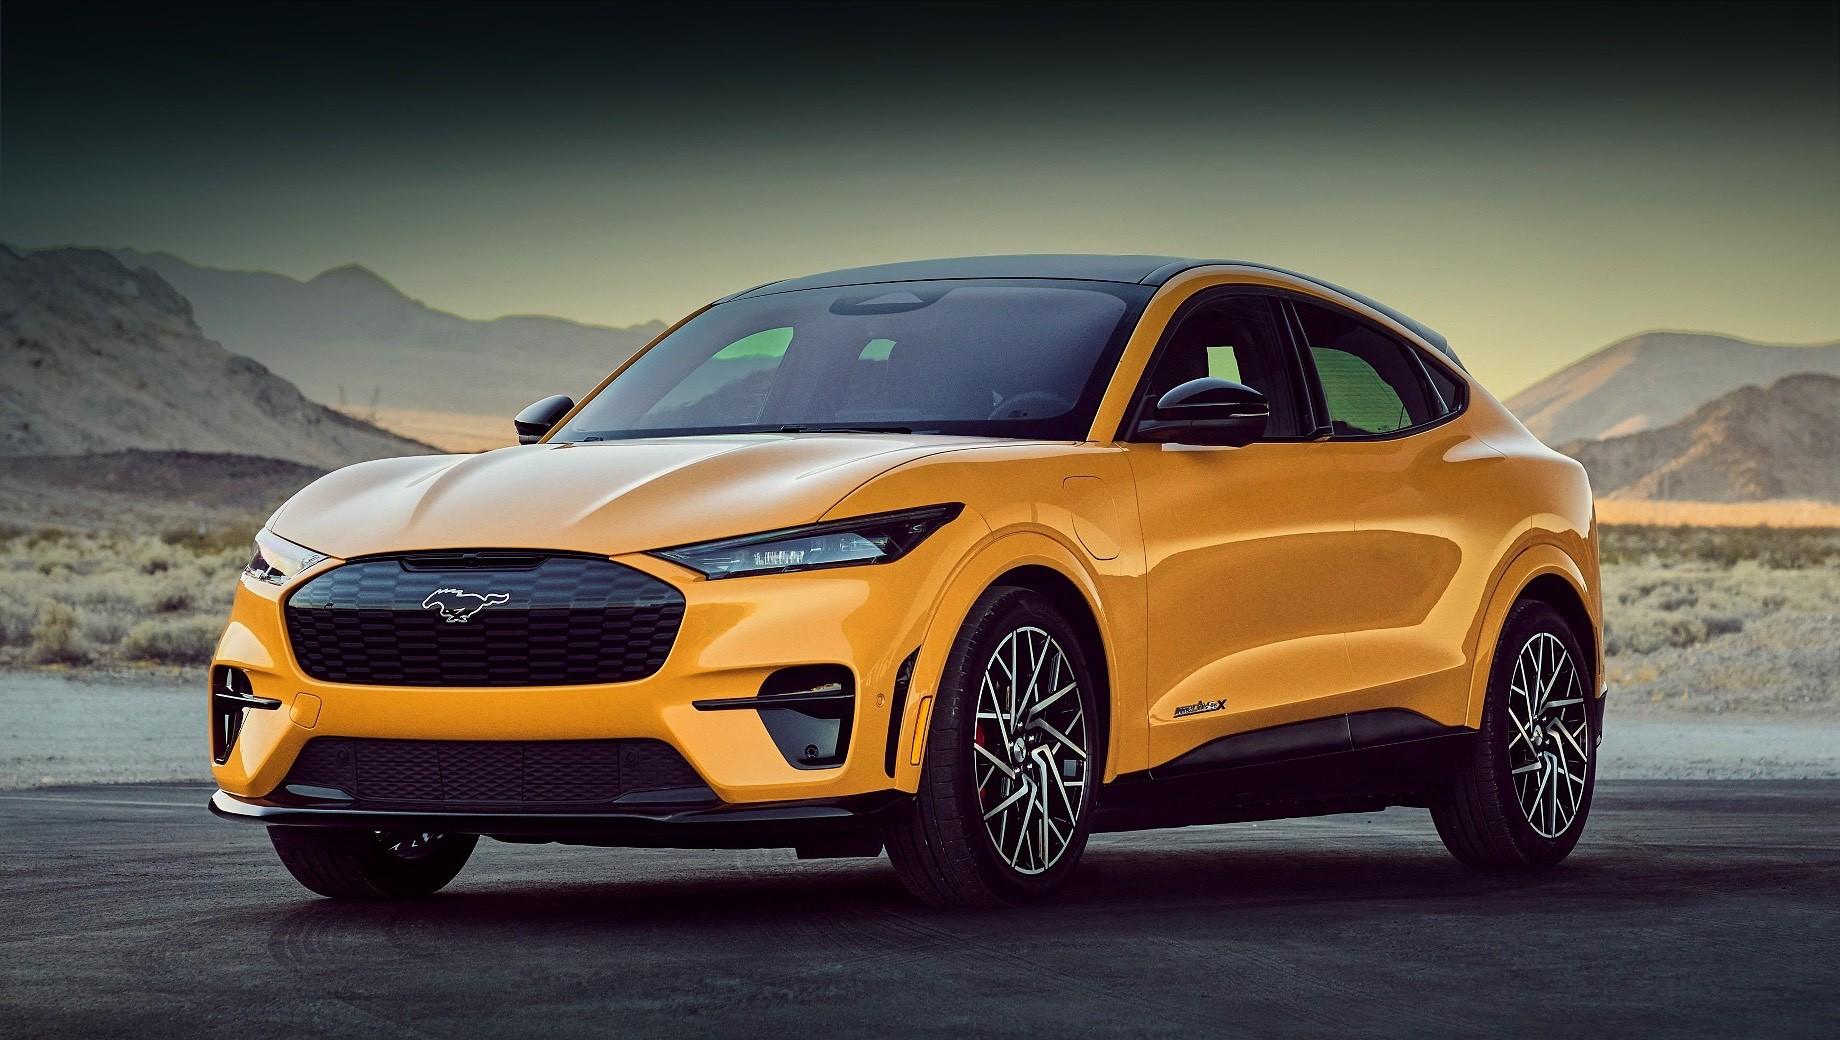 Ford mach-e,Ford mustang mach-e,Ford mustang mach-e gt,Ford mustang mach-e gt performance package. Модель Ford Mustang Mach-E GT за $60 500 (4,58 млн рублей) расположилась на вершине линейки. Кроме неё заказать сейчас можно исполнения Select, California Route 1 и Premium по цене от $42 895 до $49 800 (3,25–3,77 млн рублей). Производство начнётся в ближайшие дни.